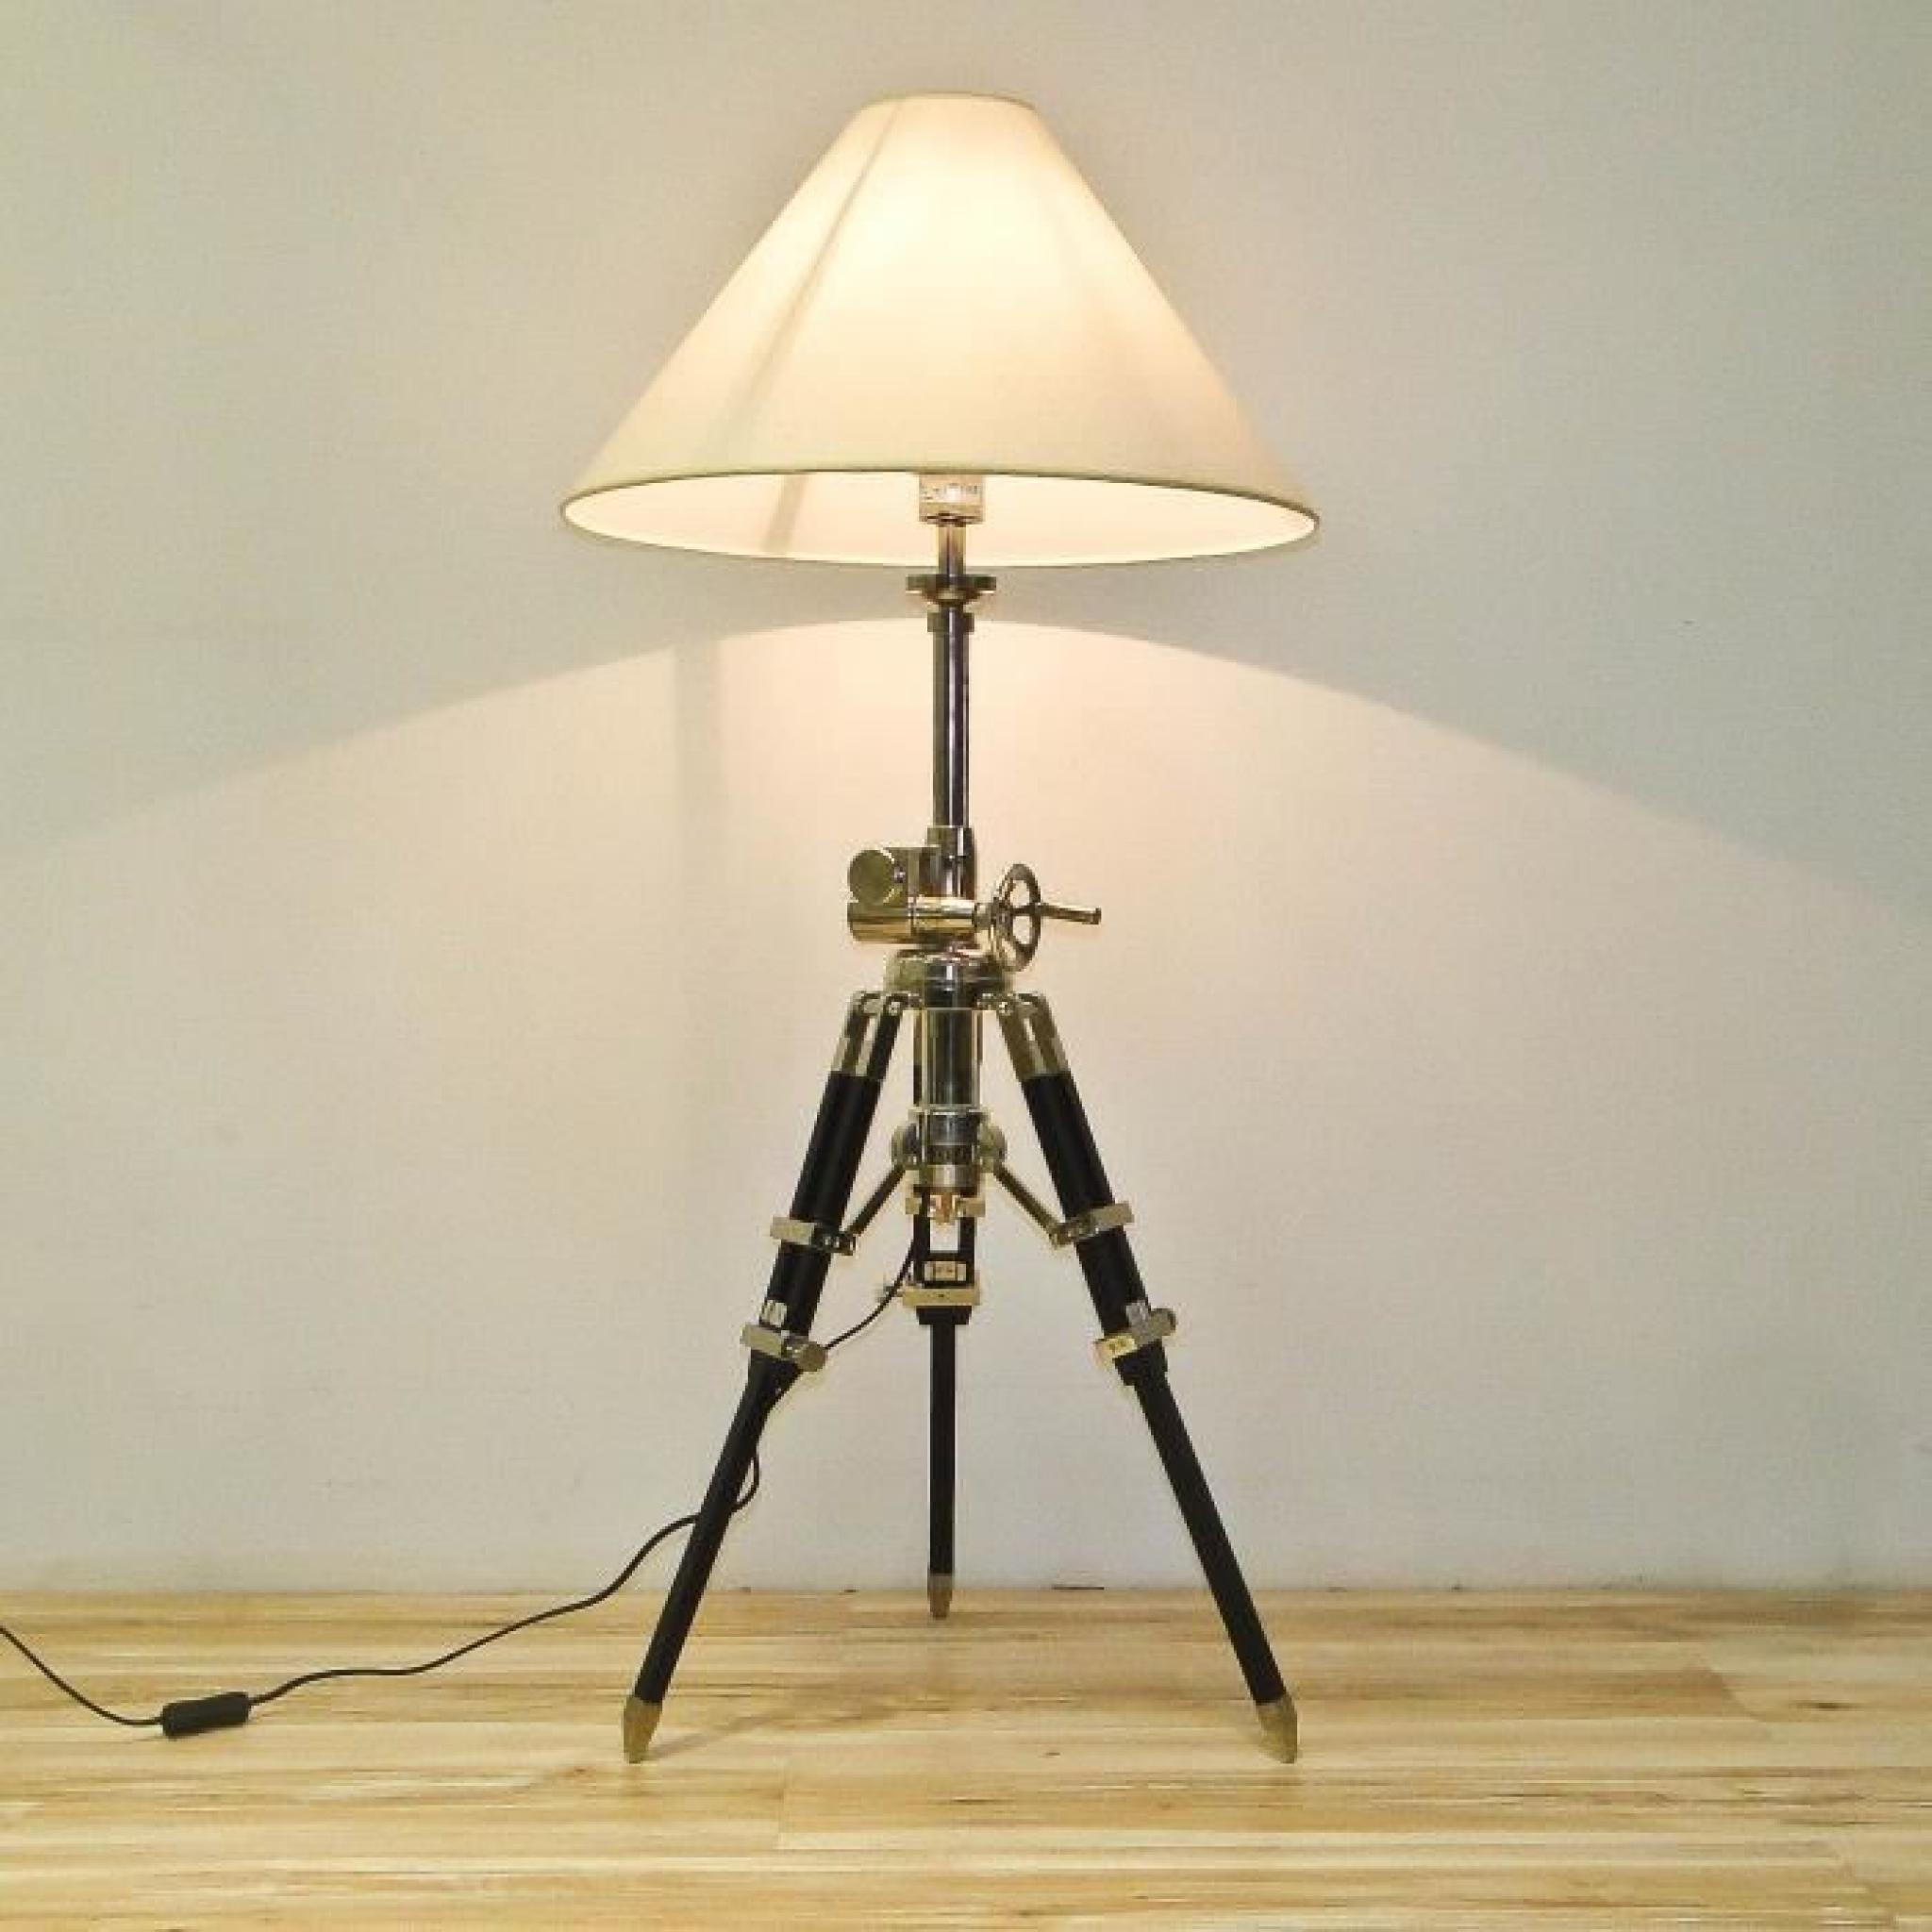 lampadaire tripode chrom e bois marine achat vente lampadaire pas cher couleur et. Black Bedroom Furniture Sets. Home Design Ideas